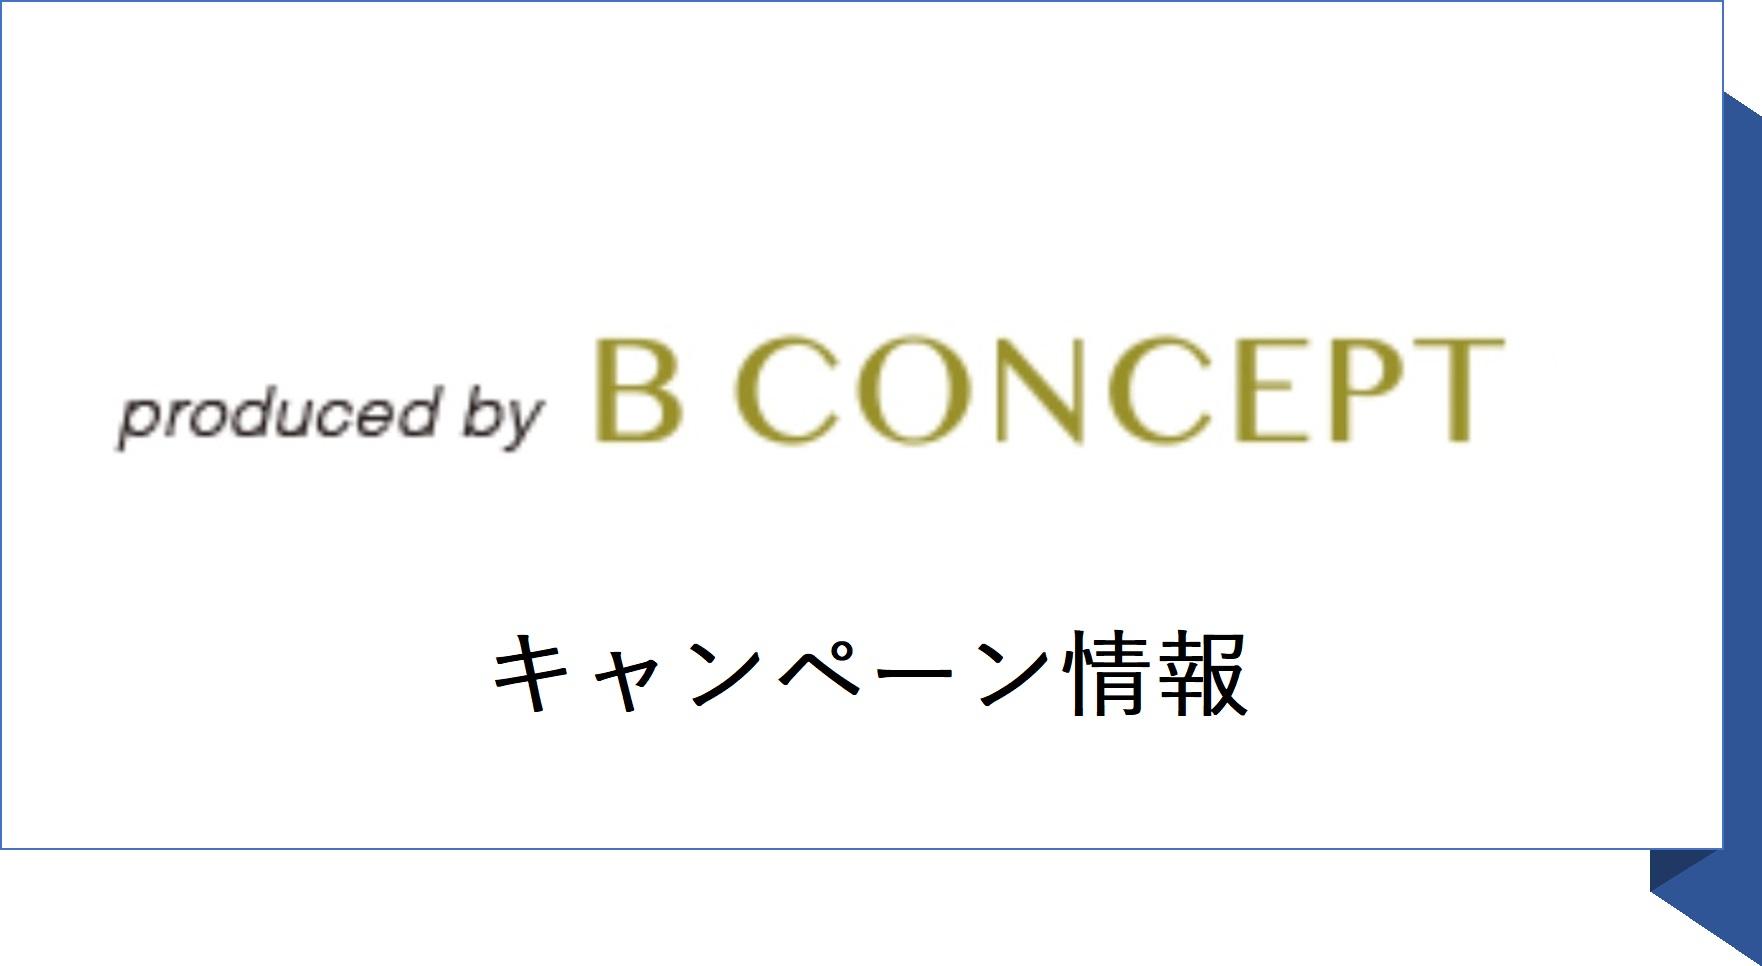 ビーコンセプト(キャンペーン情報)